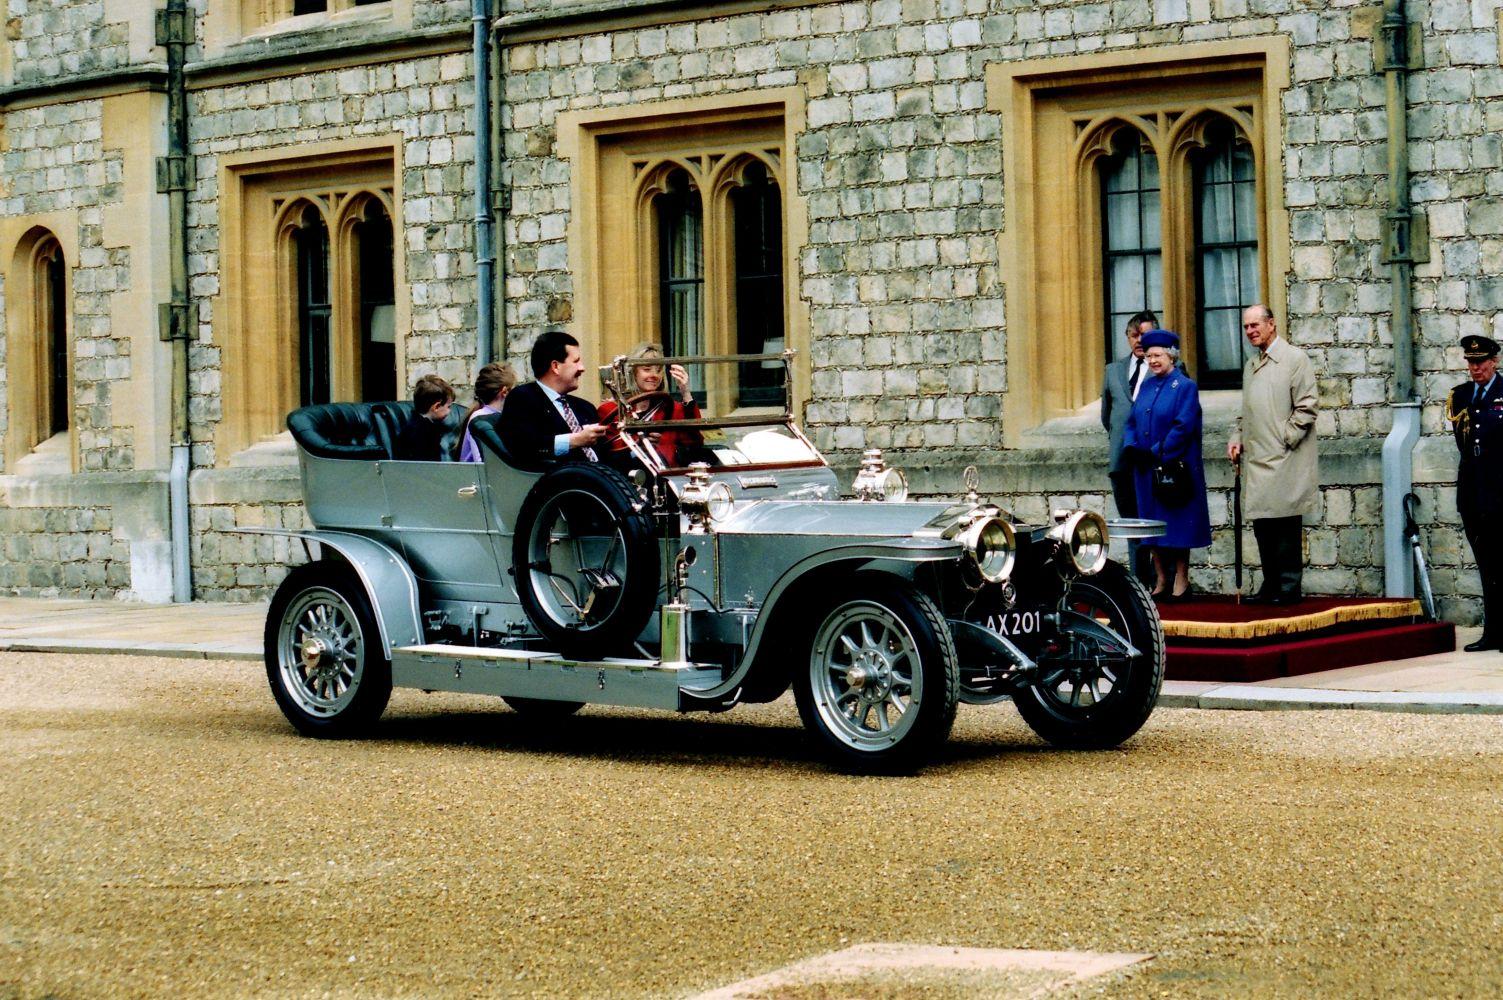 2002 - Golden Jubilee at Windsor Castle